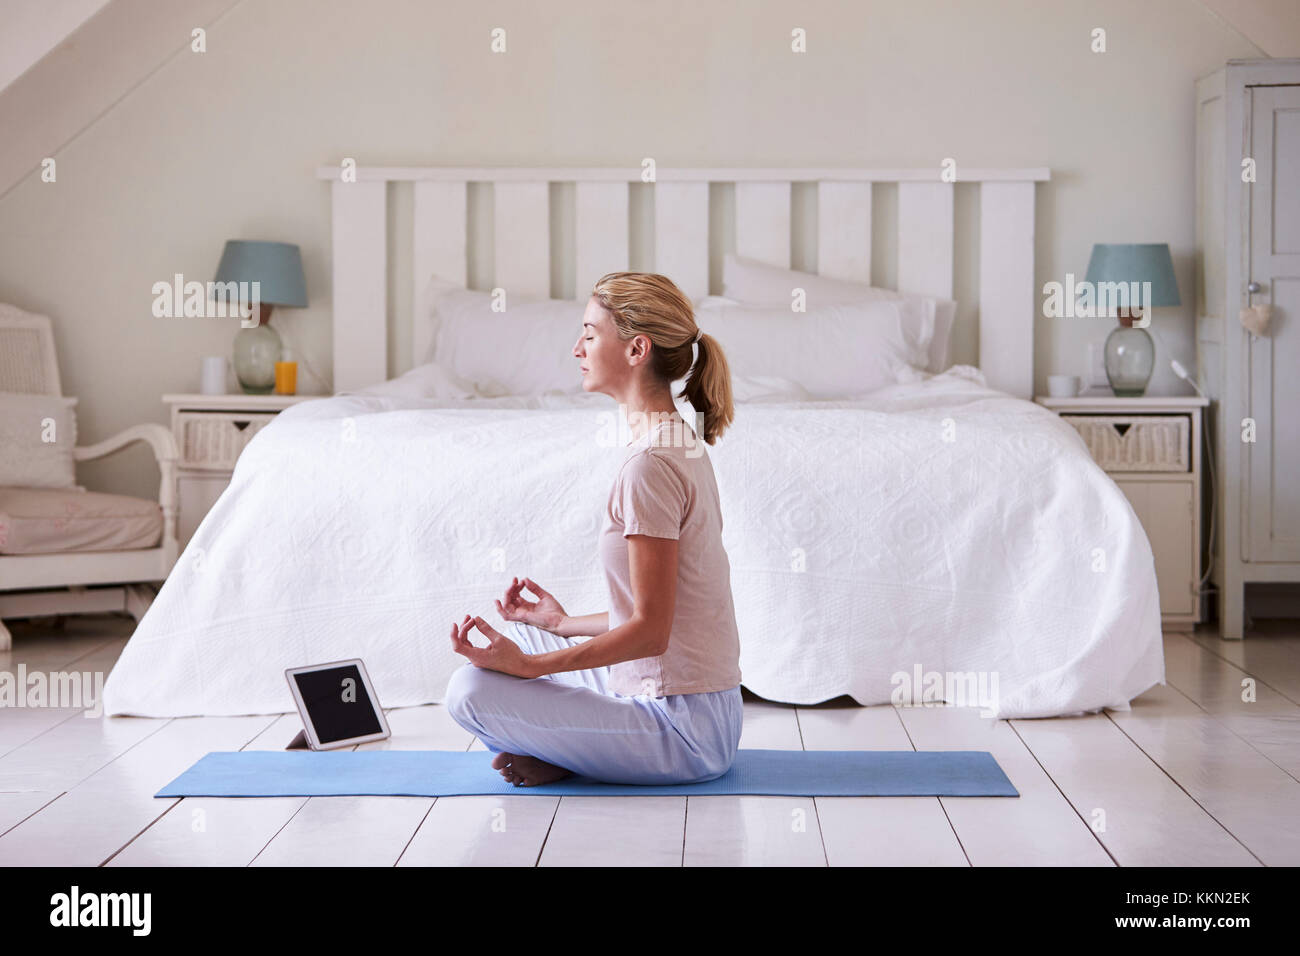 Donna con tavoletta digitale utilizzando la meditazione di app in camera da letto Immagini Stock